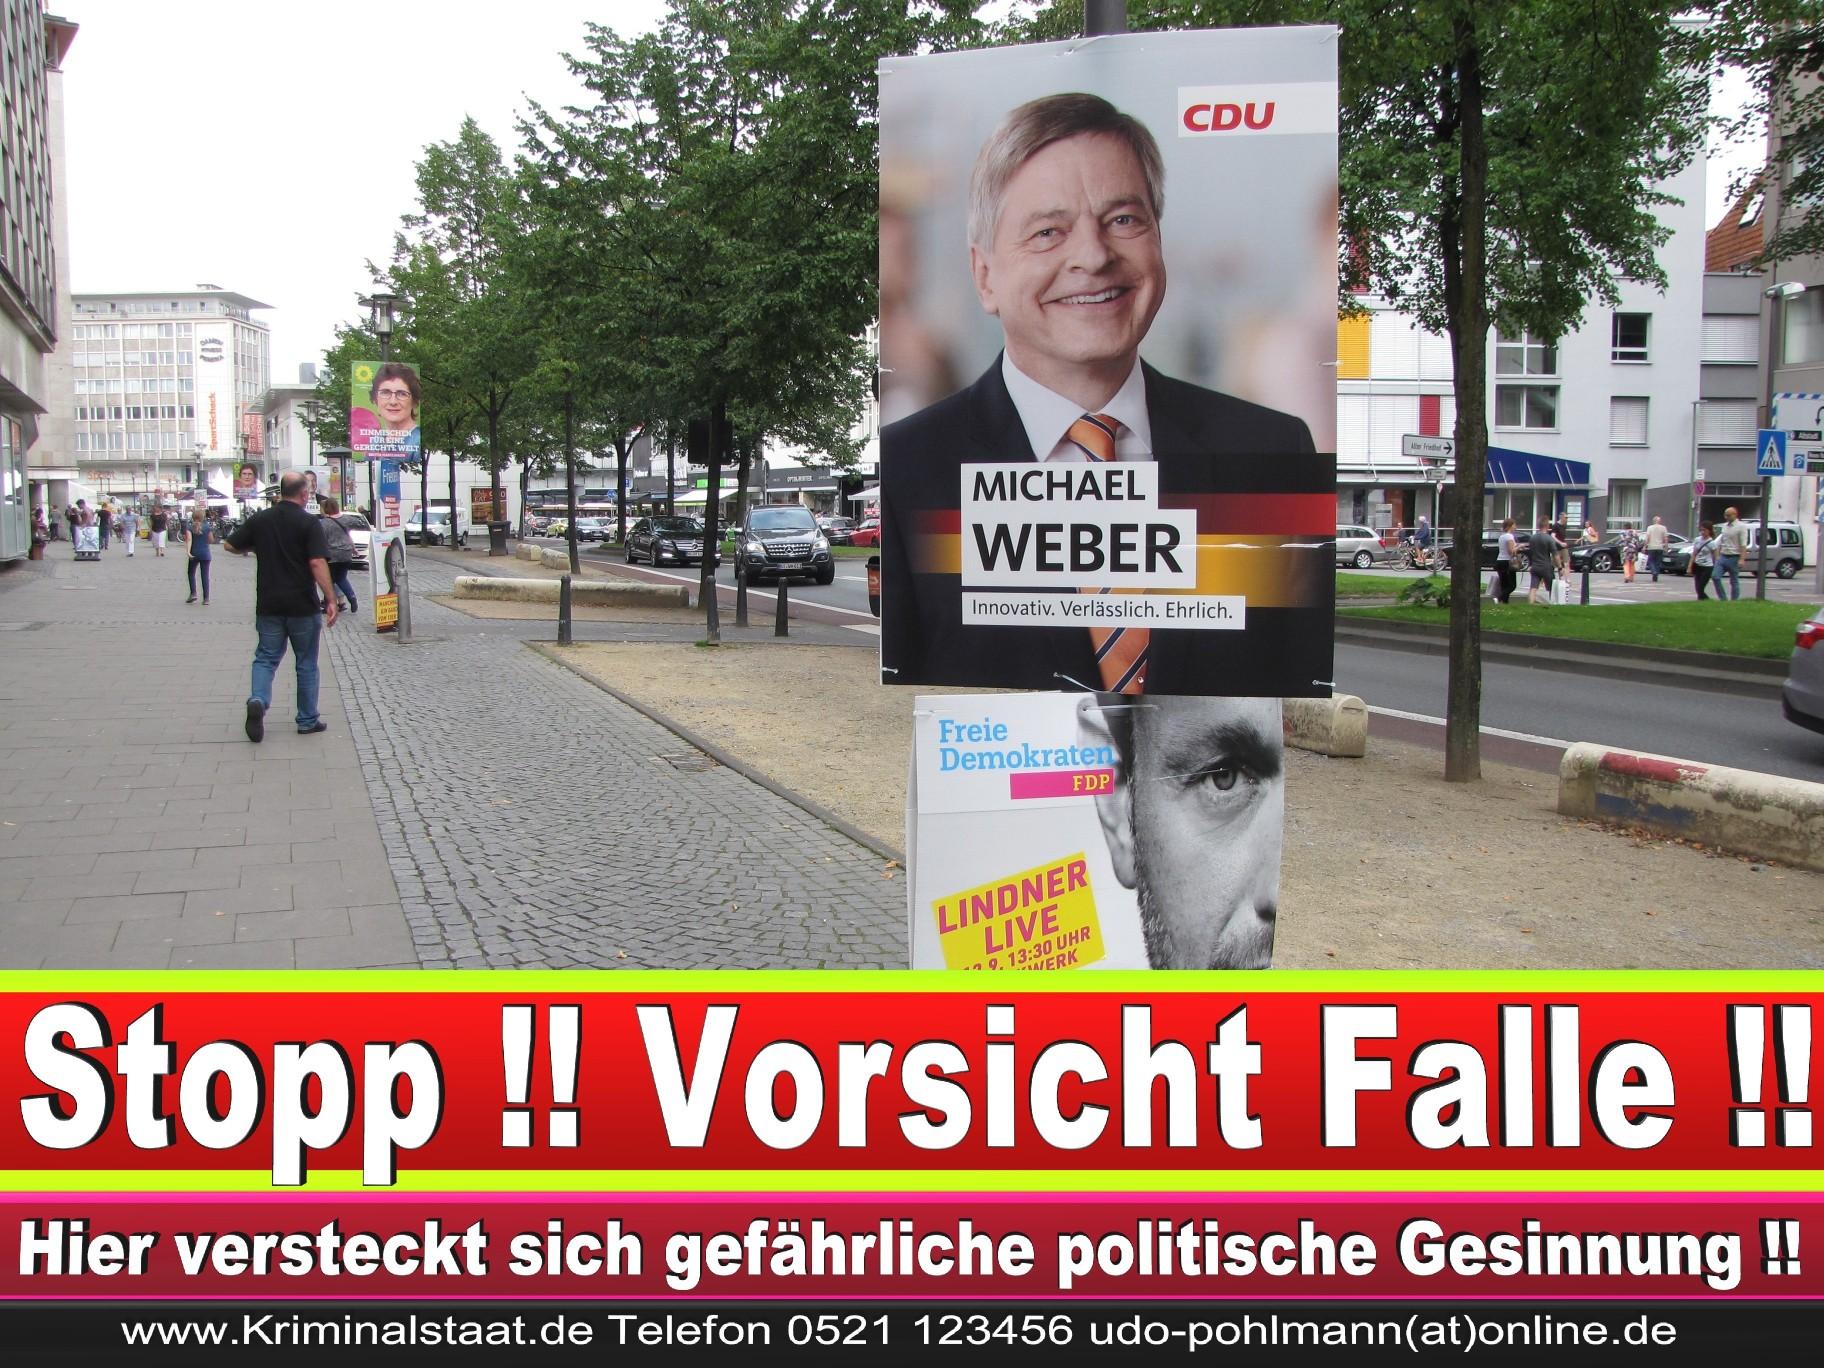 Wahlwerbung Wahlplakate Landtagswahl 2019 Europawahl CDU SPD FDP 2021 (34)